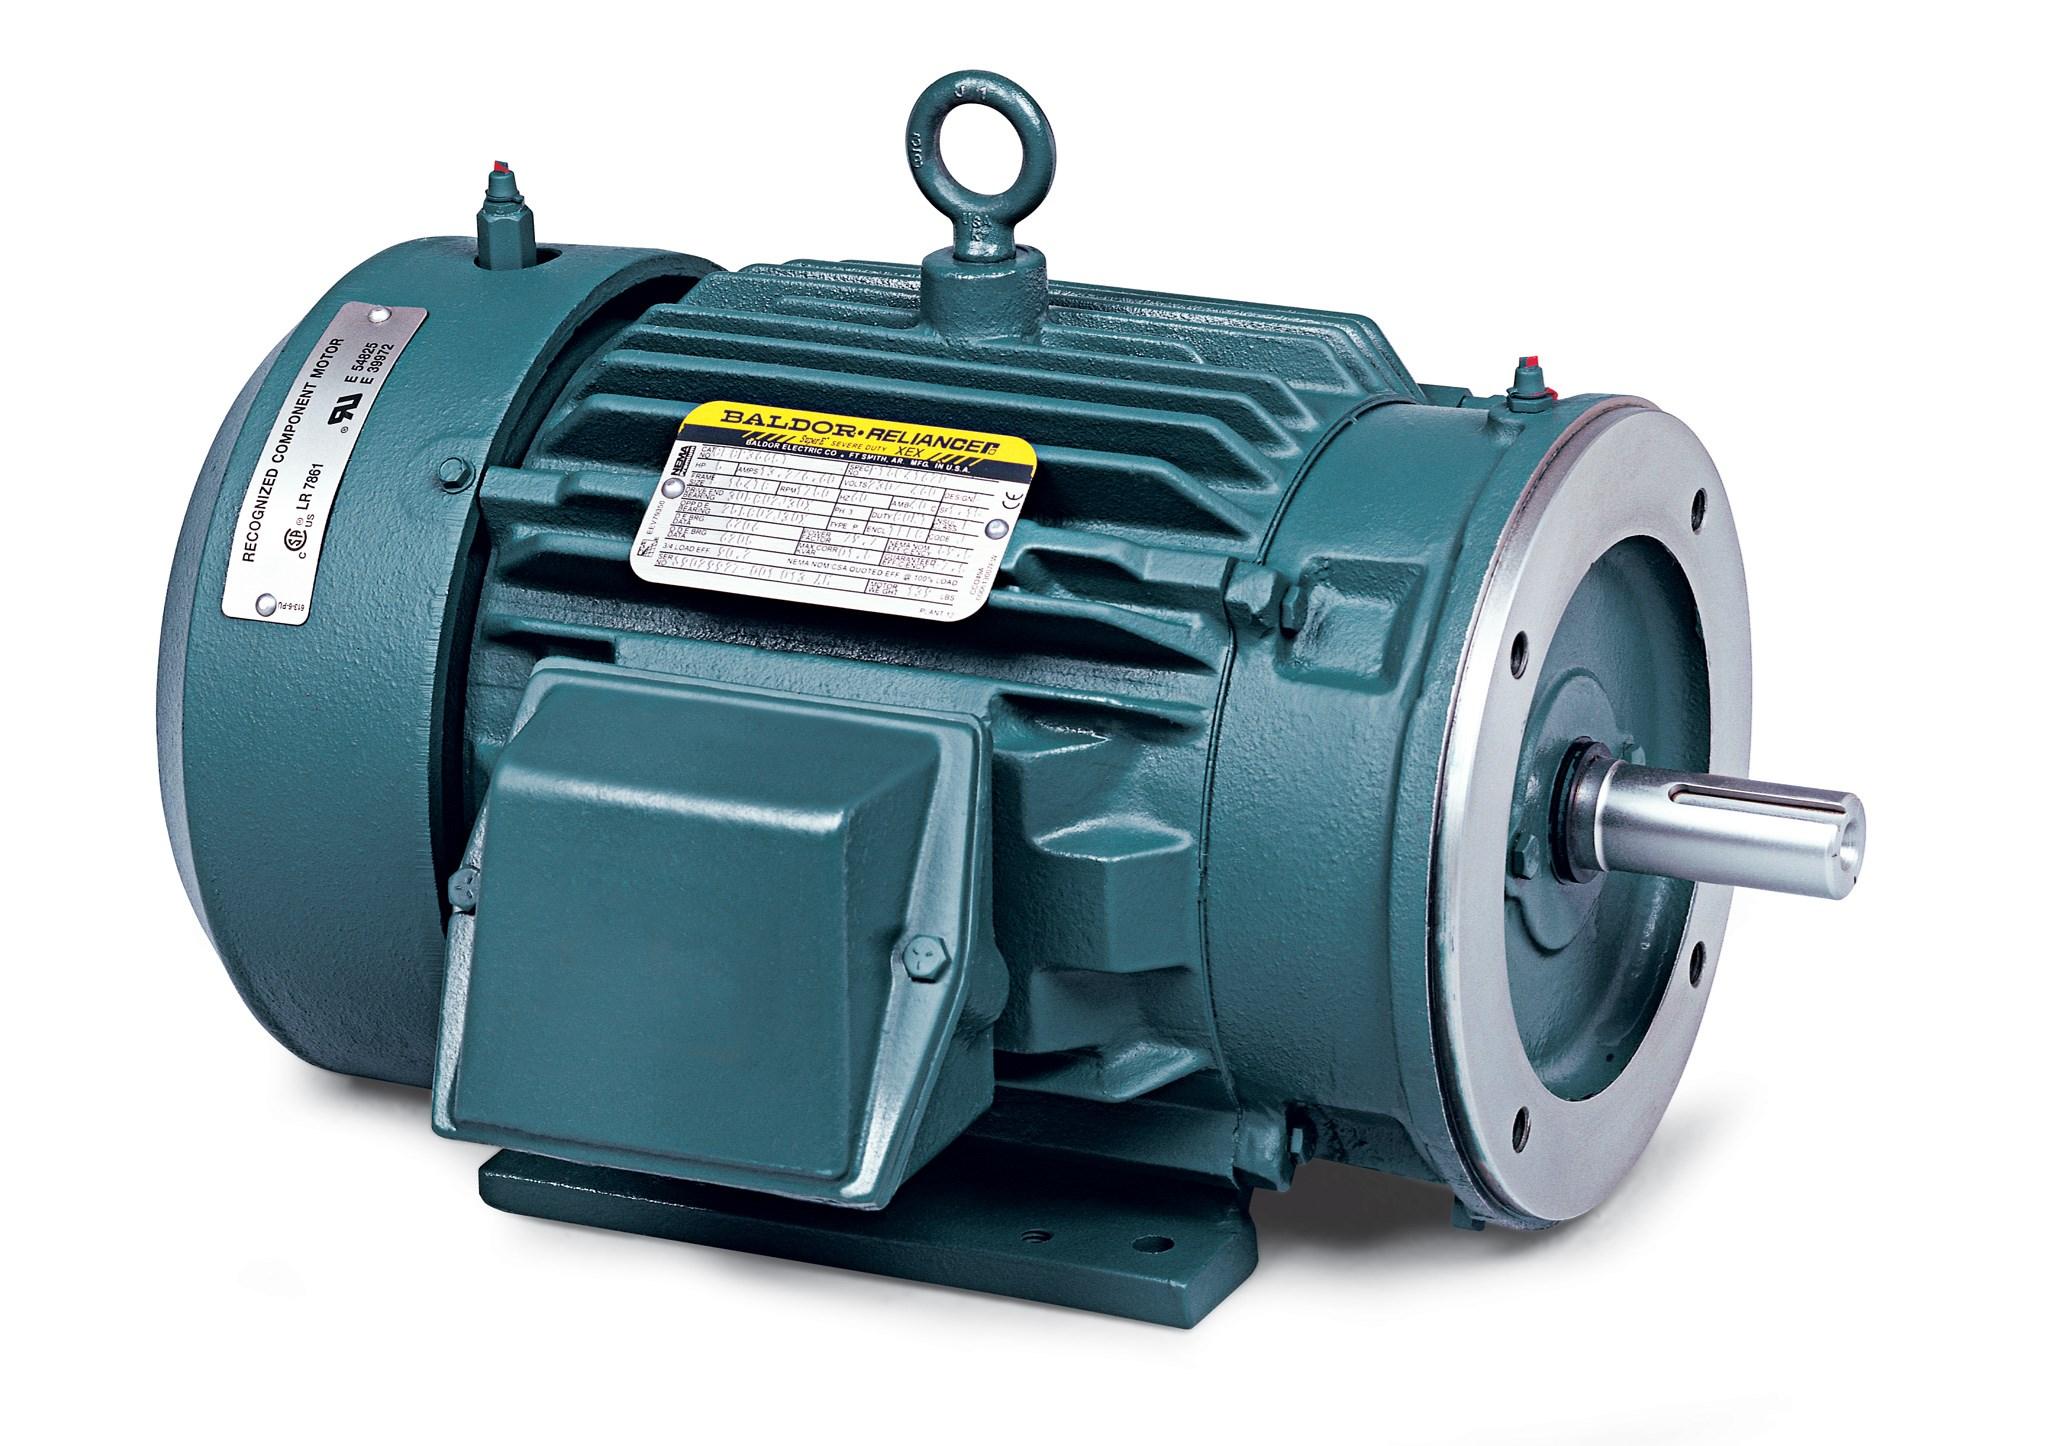 3510 Baldor Motor Wiring Diagram - House Wiring Diagram Symbols •